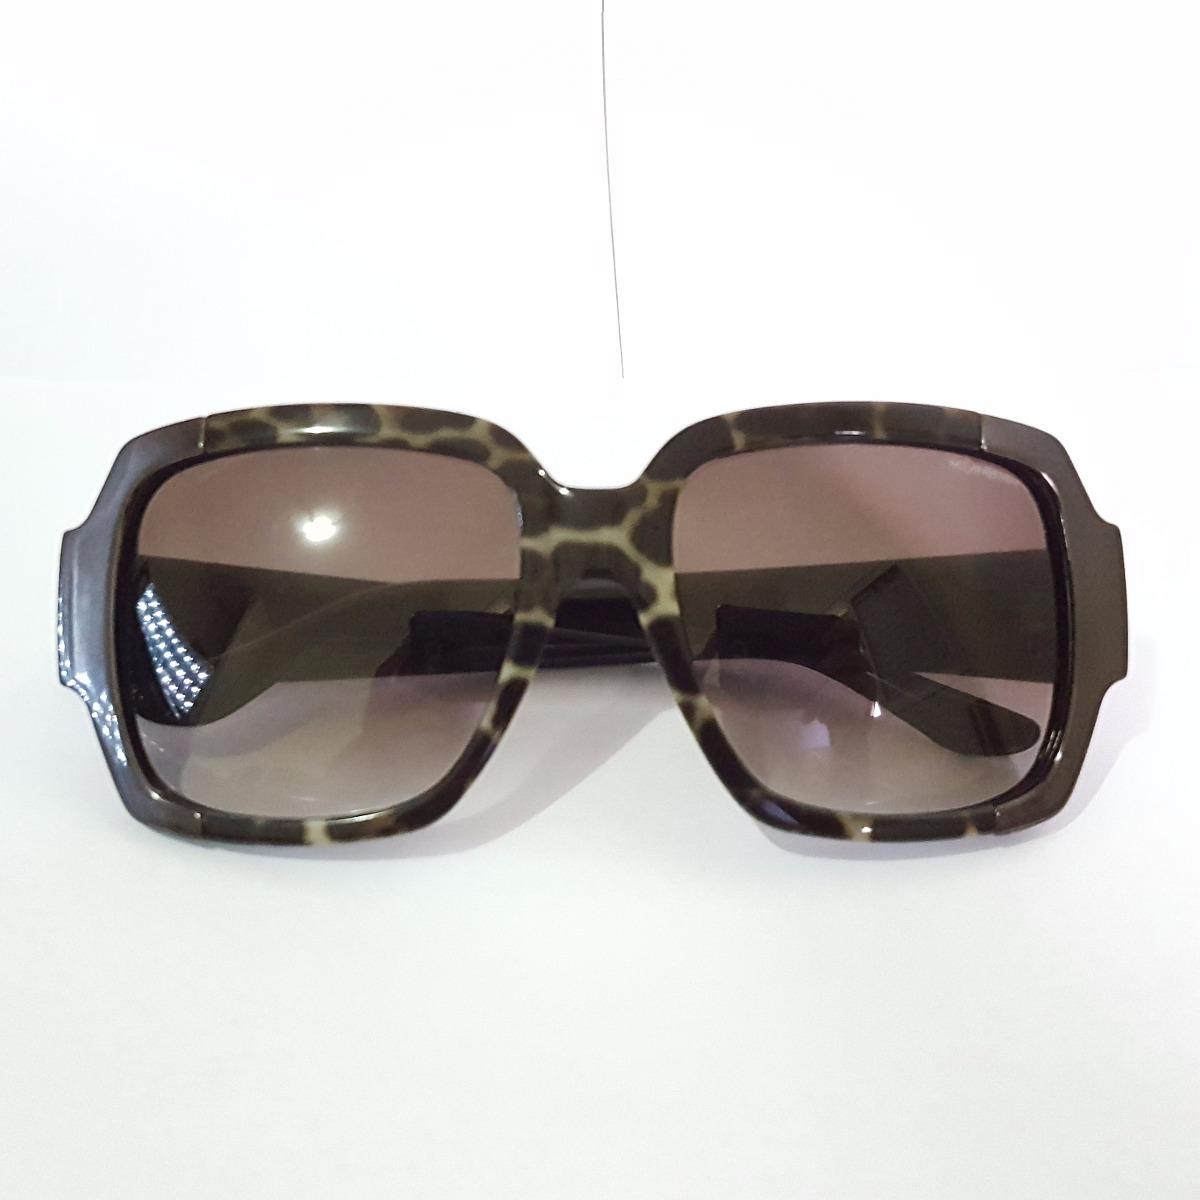 Óculos De Sol Yves Saint Laurent Ysl6381 s Onça - R  250,00 em ... 02ba4e9238